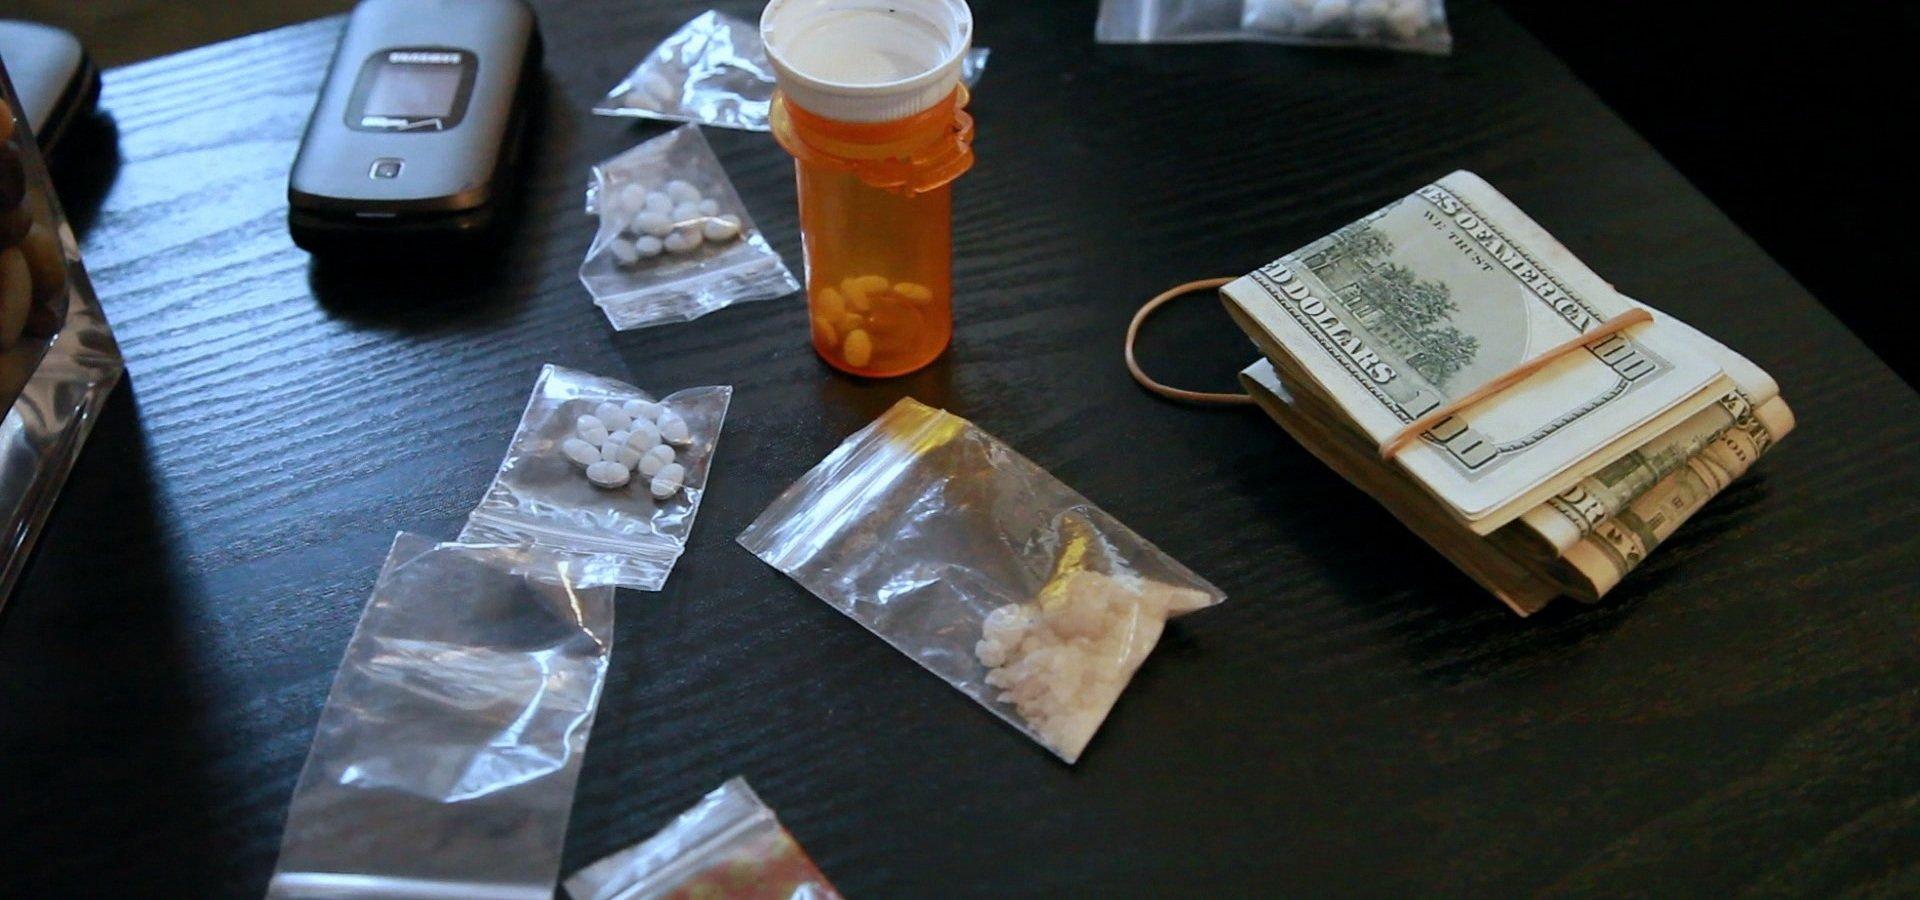 Kulisy przemysłu narkotykowego w lutym na National Geographic